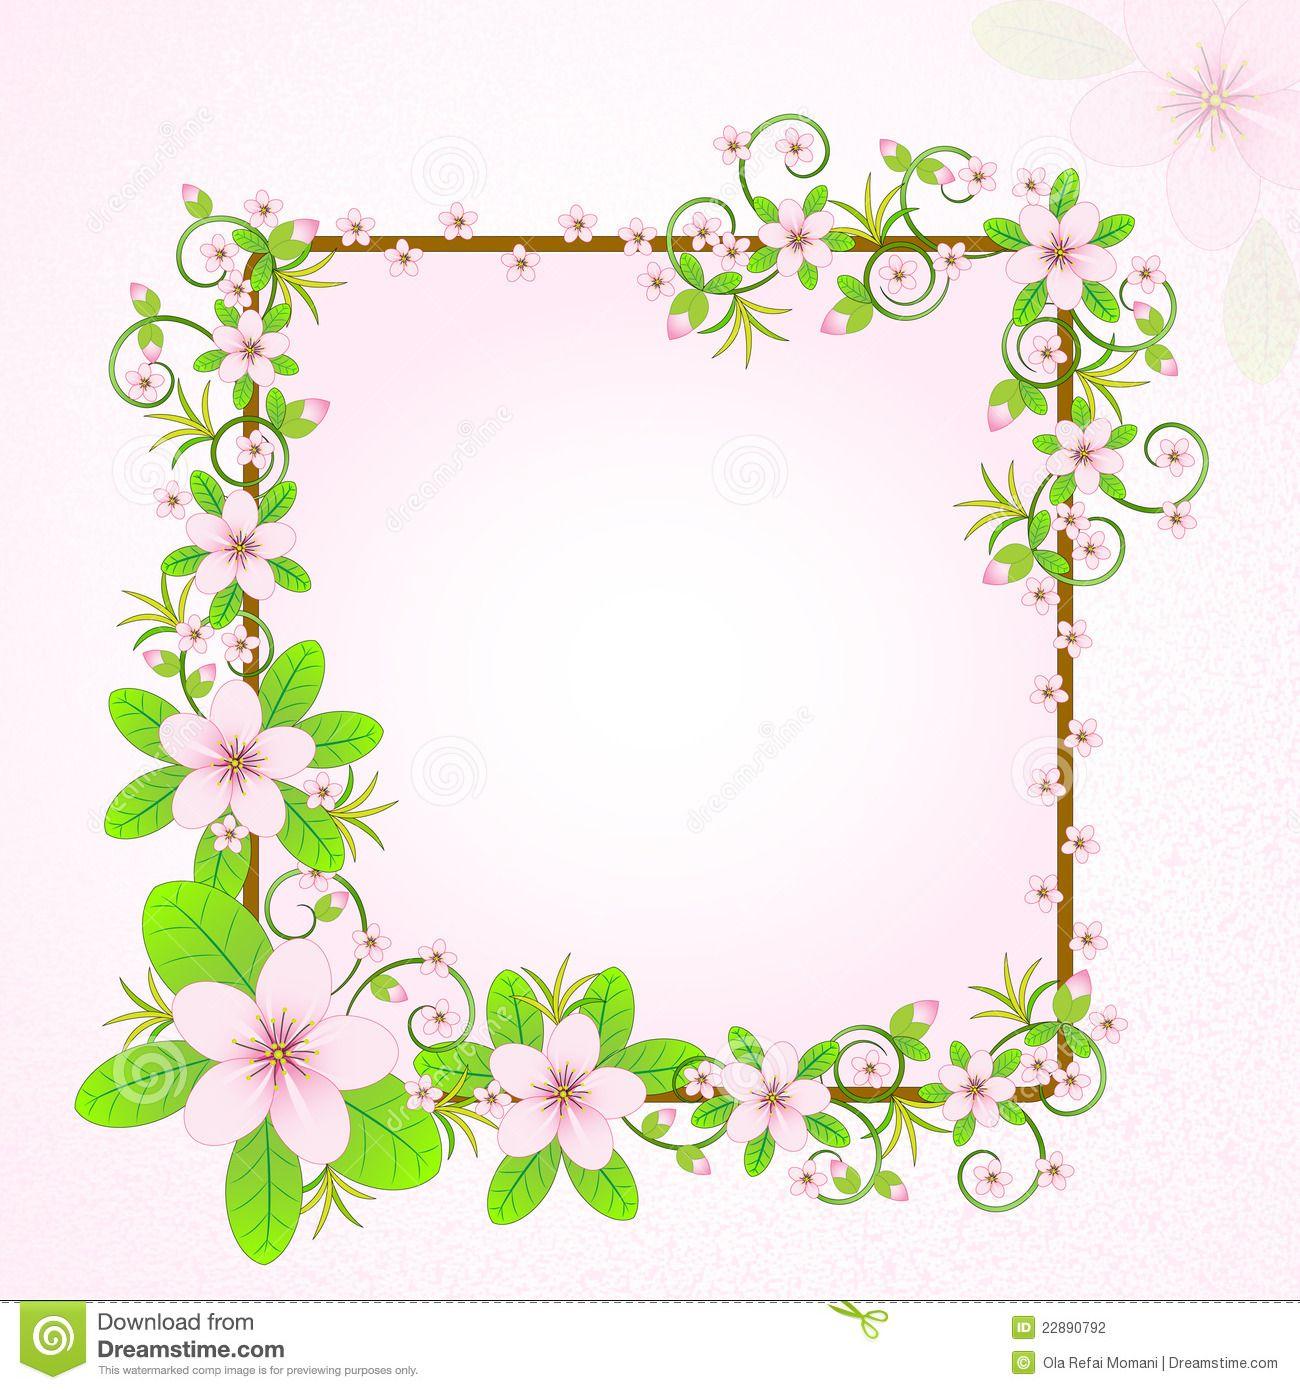 ผลการค้นหารูปภาพสำหรับ frame vector | กรอบน่ารัก | Pinterest